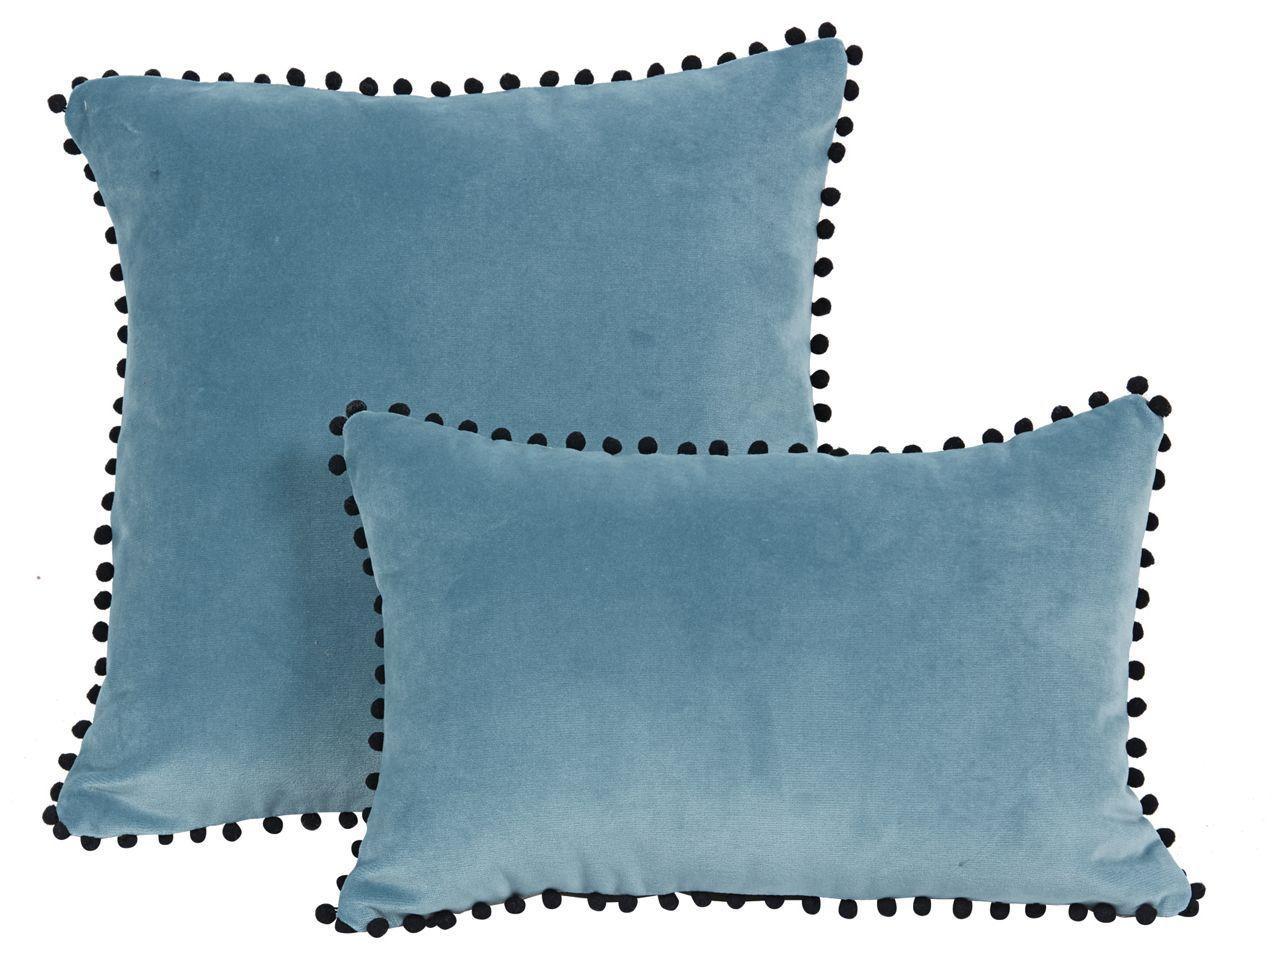 coussin velours Coussin velours bleu + pompons noirs Farandole 45x30   Décoration  coussin velours